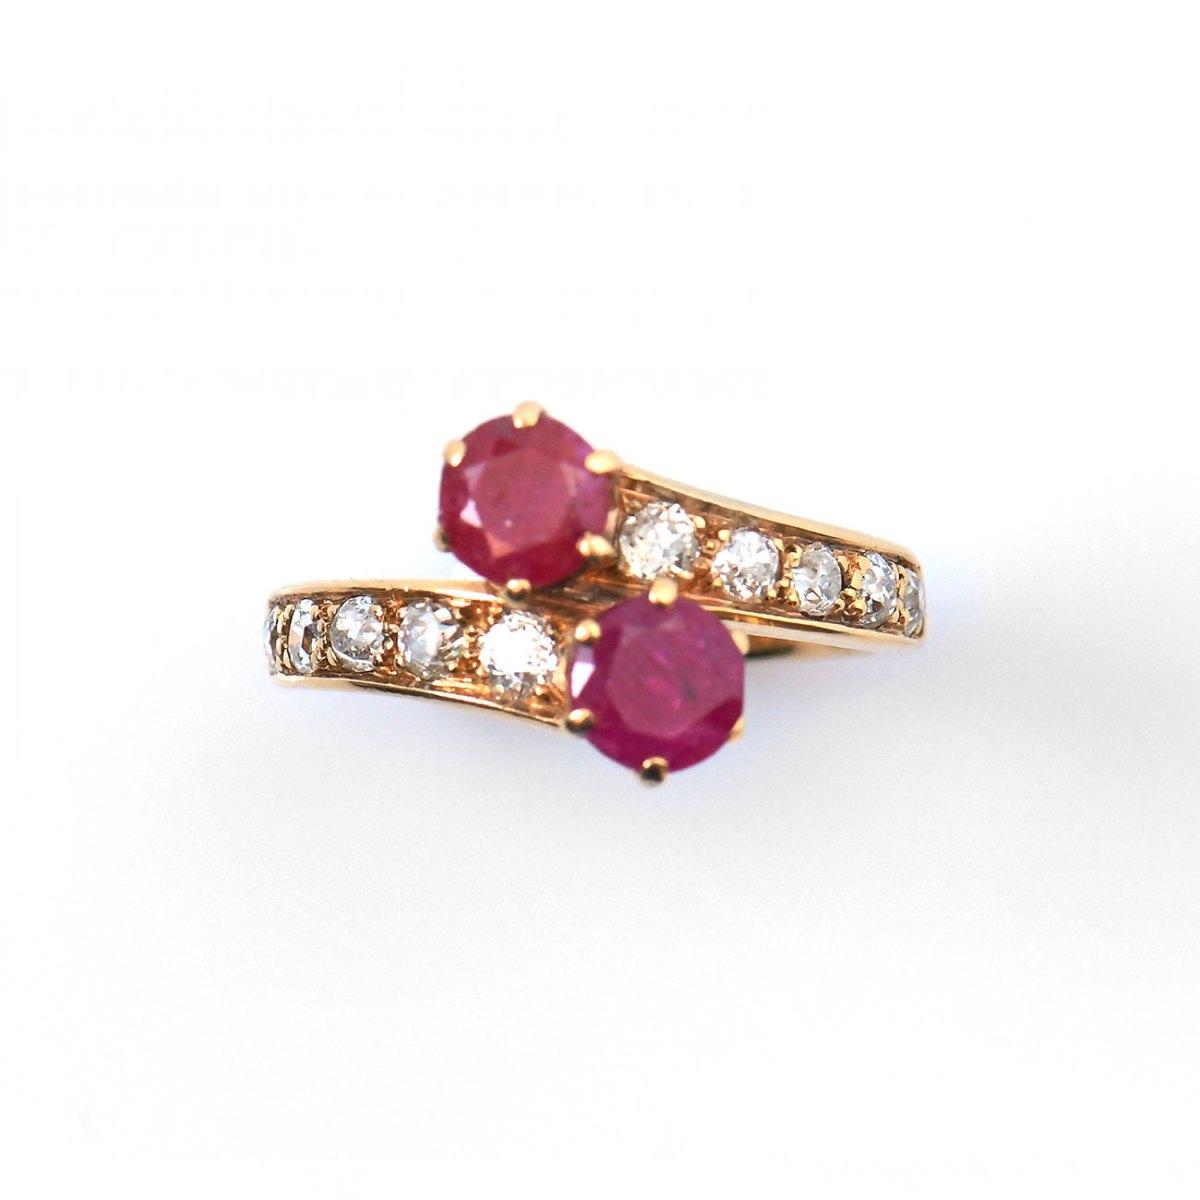 Bague Toi et Moi rubis et diamants, taille brillant, or jaune 750‰ , taille 56   Réf. BA-B13245   EVENOR Joaillerie • Bijoux neufs et bijoux Vintage